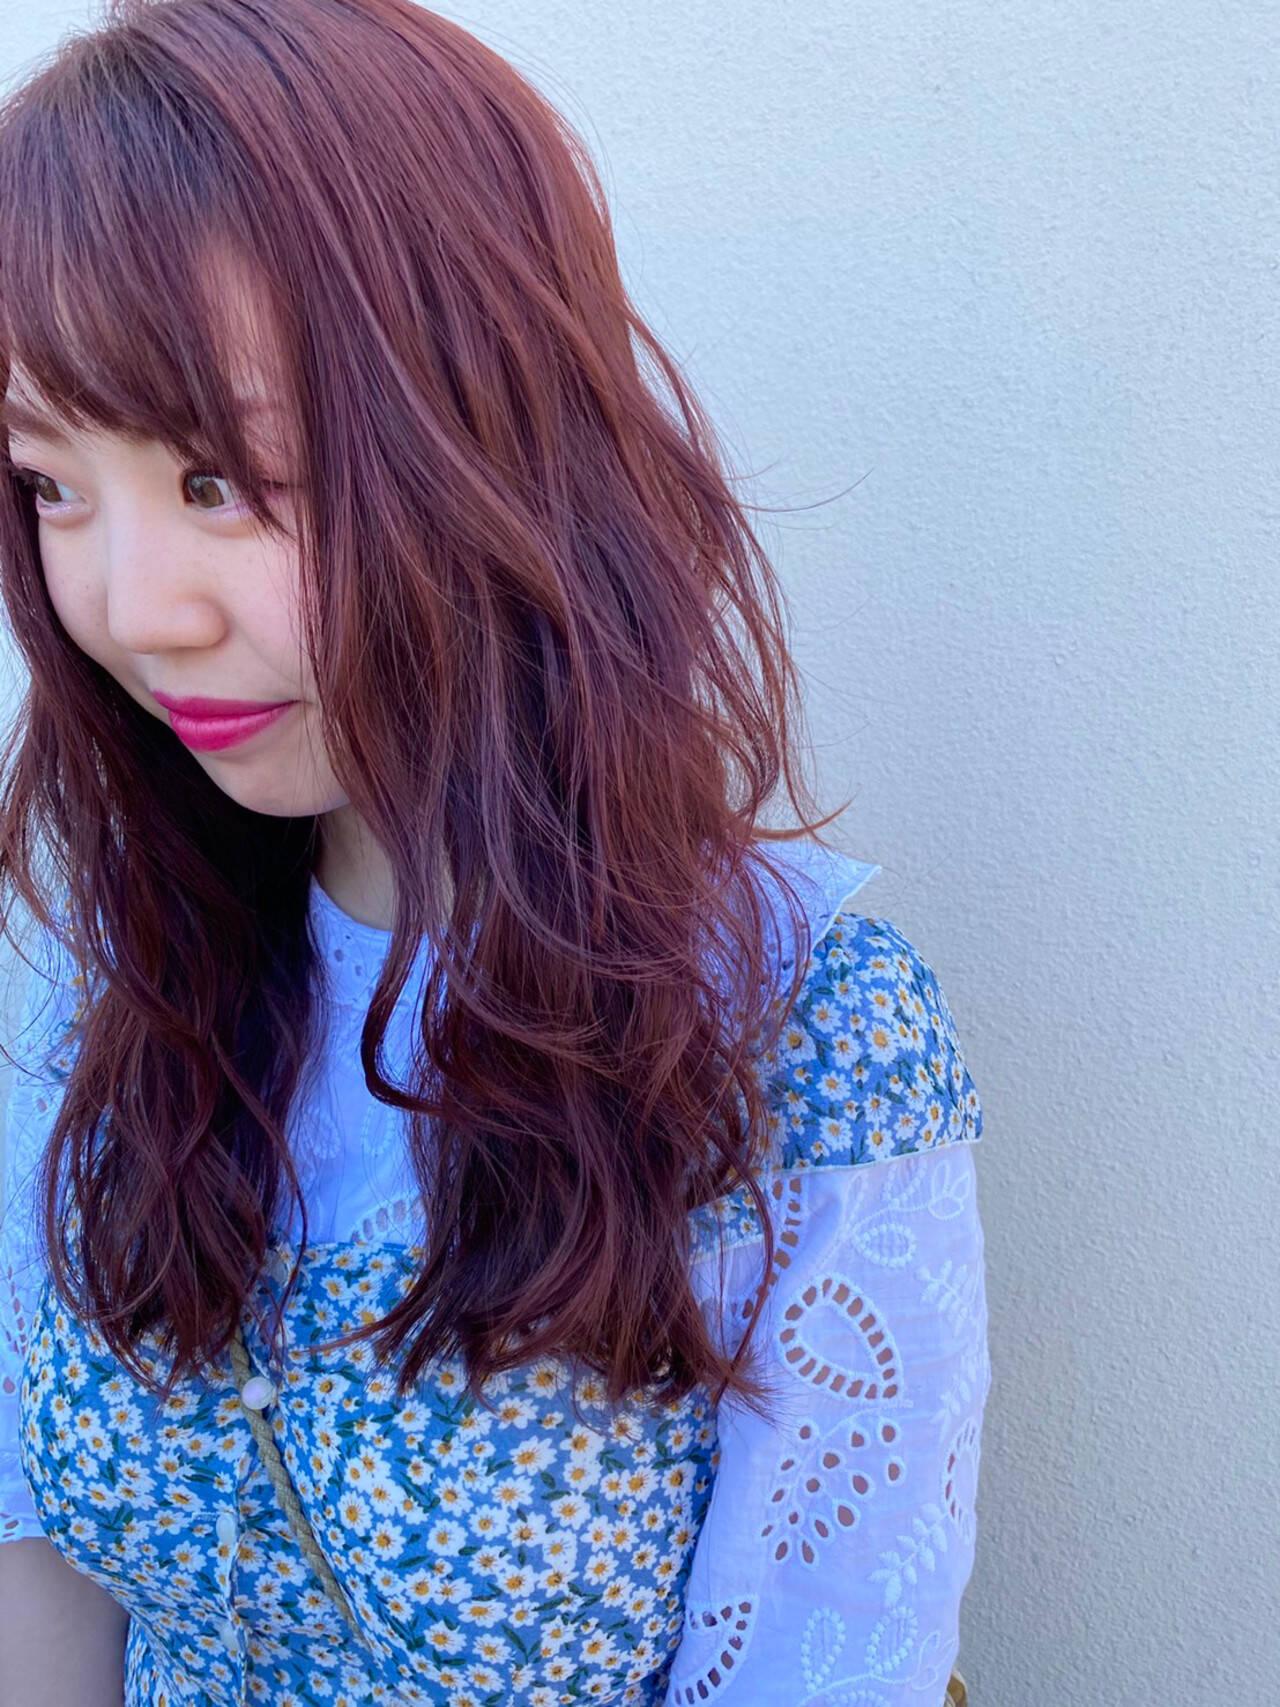 巻き髪 ピンクアッシュ ロング ピンクバイオレットヘアスタイルや髪型の写真・画像